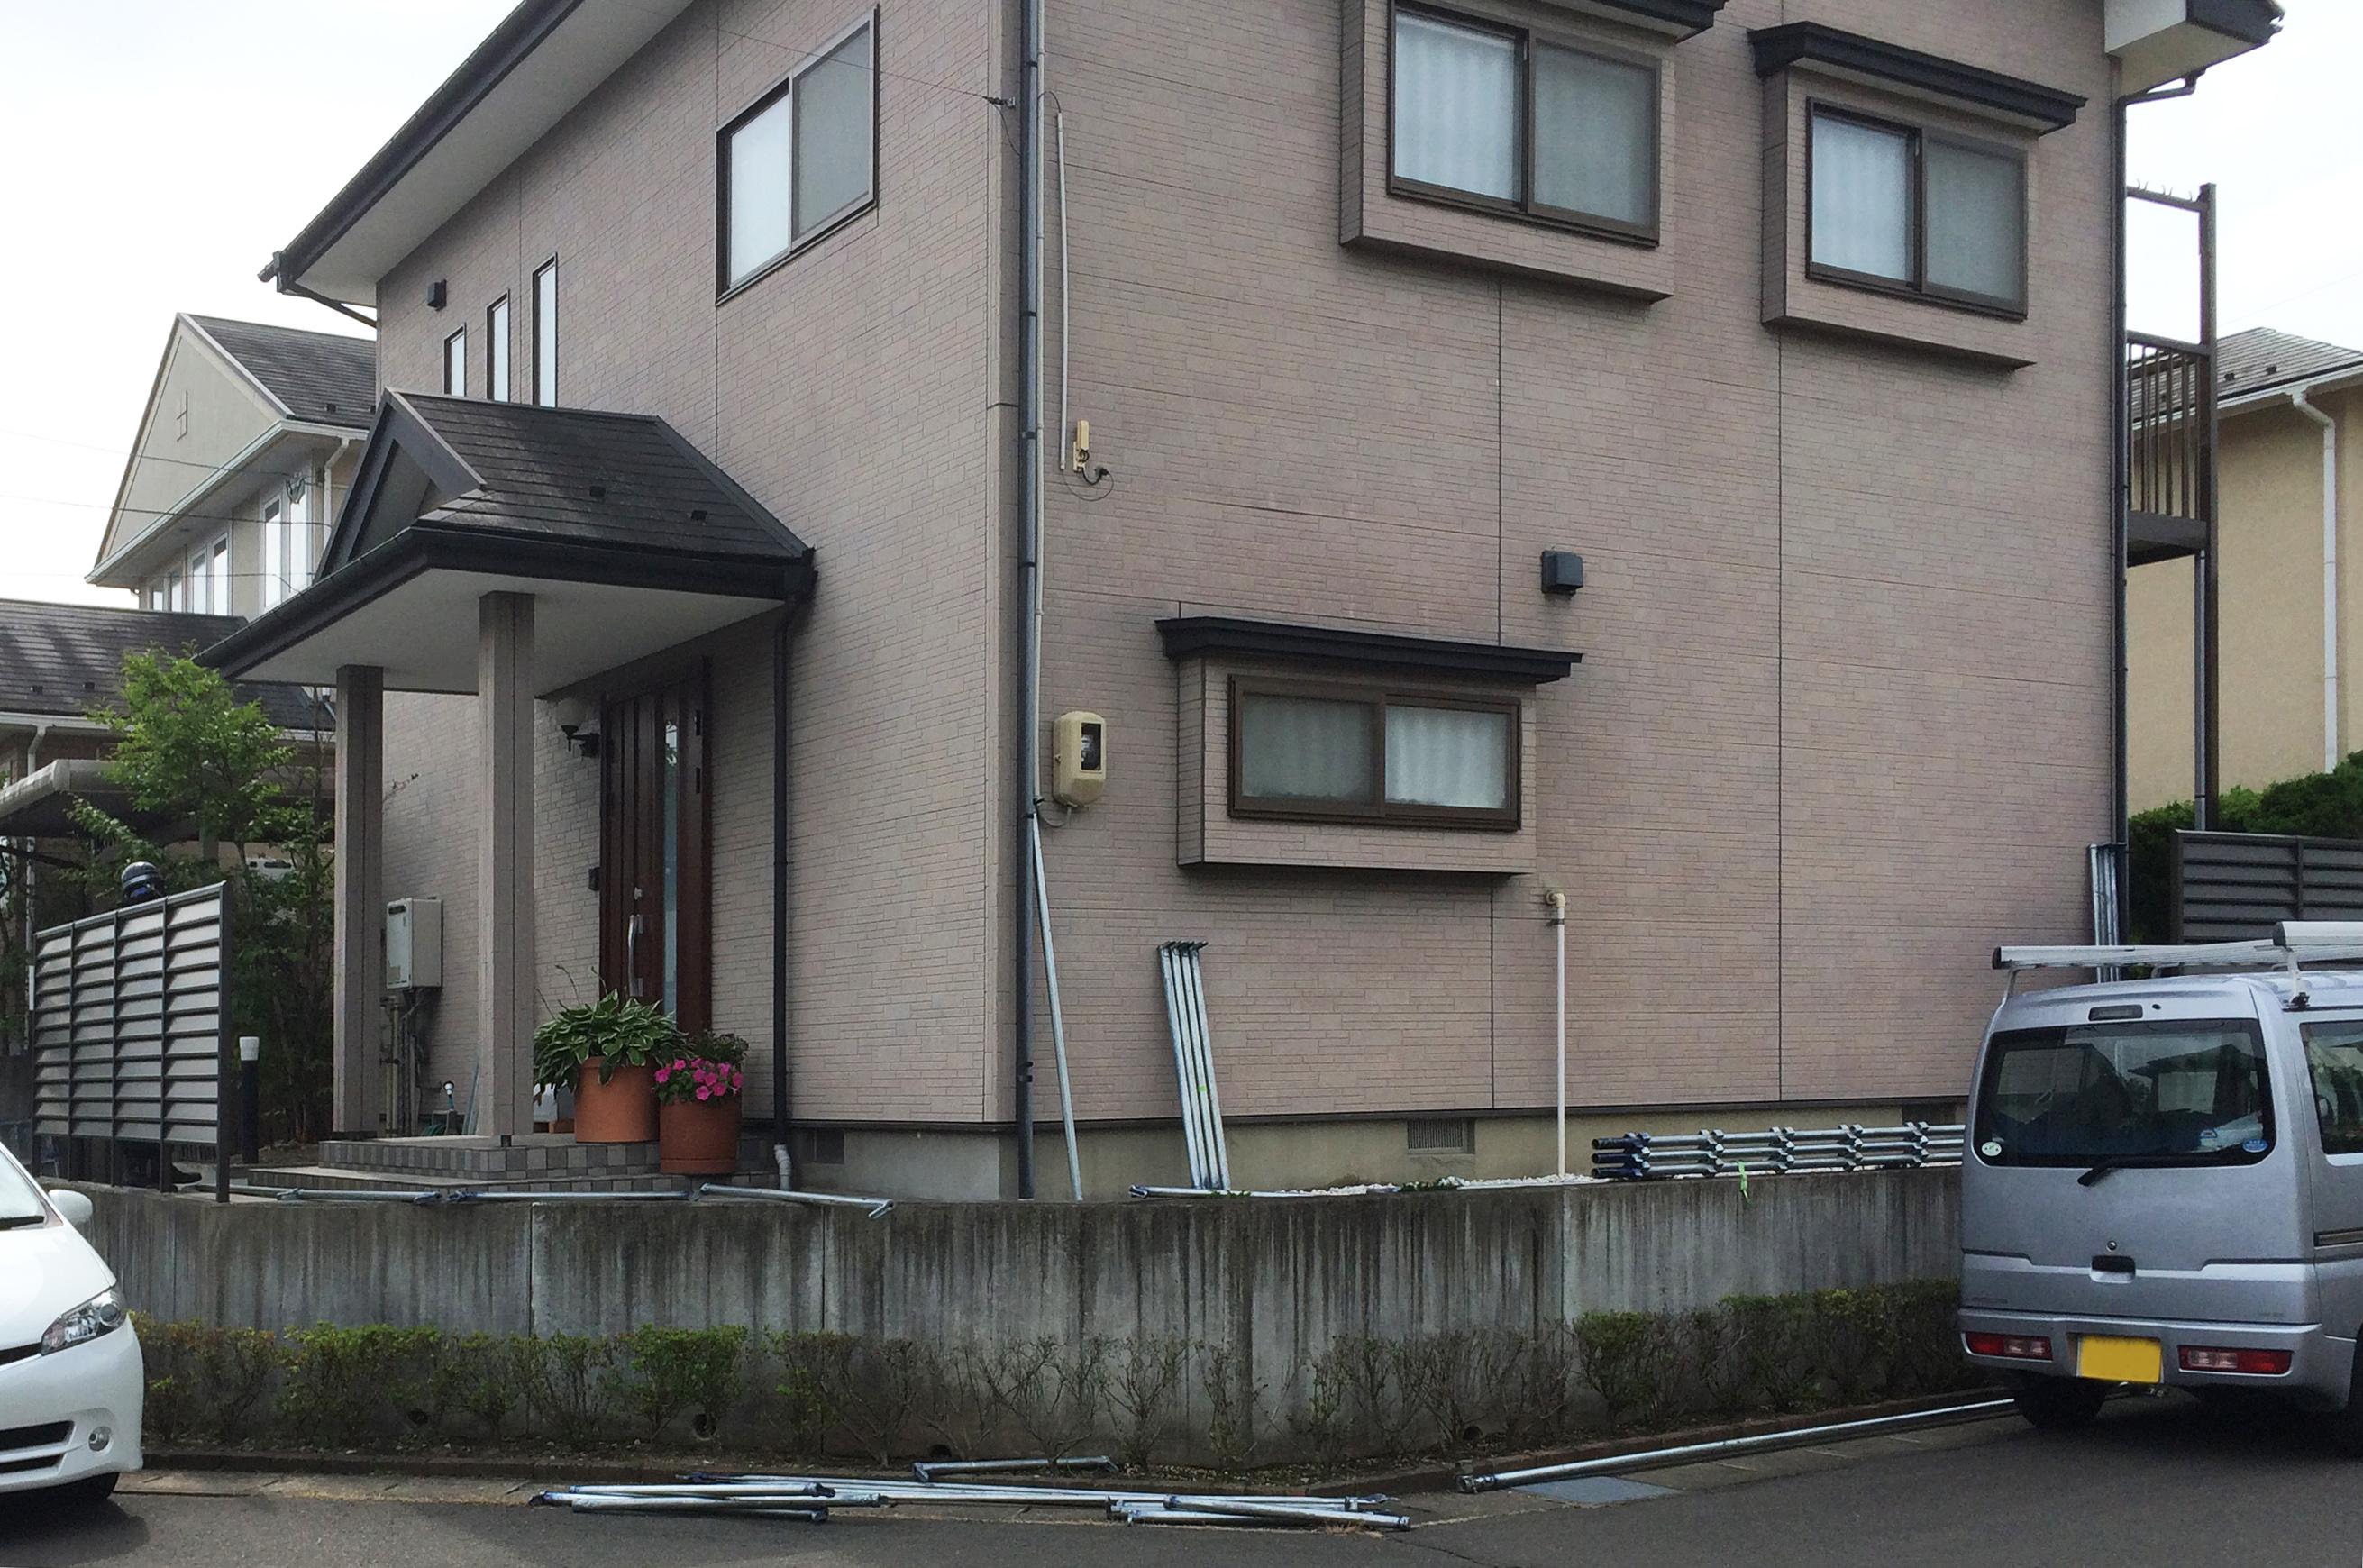 泉区S邸 外壁塗装・外装リフォーム 110万円/工期14日間 施工前